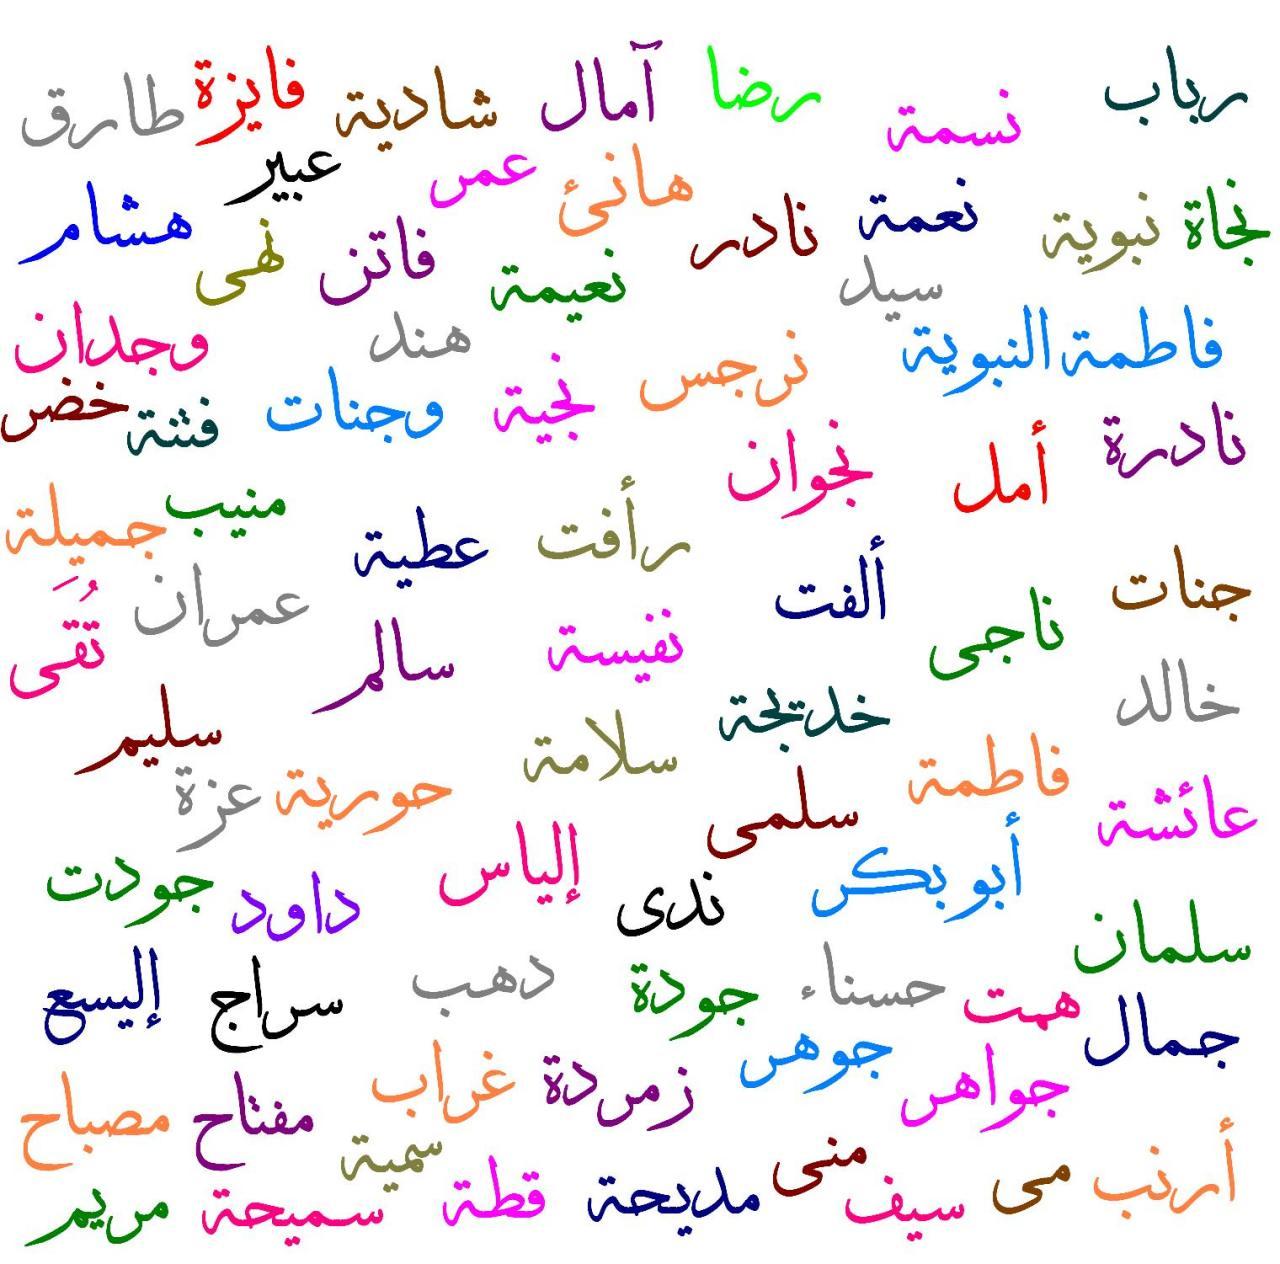 صور اجمل الاسماء العربية للبنات , احلي اسم ممكن تختاري لبنتك